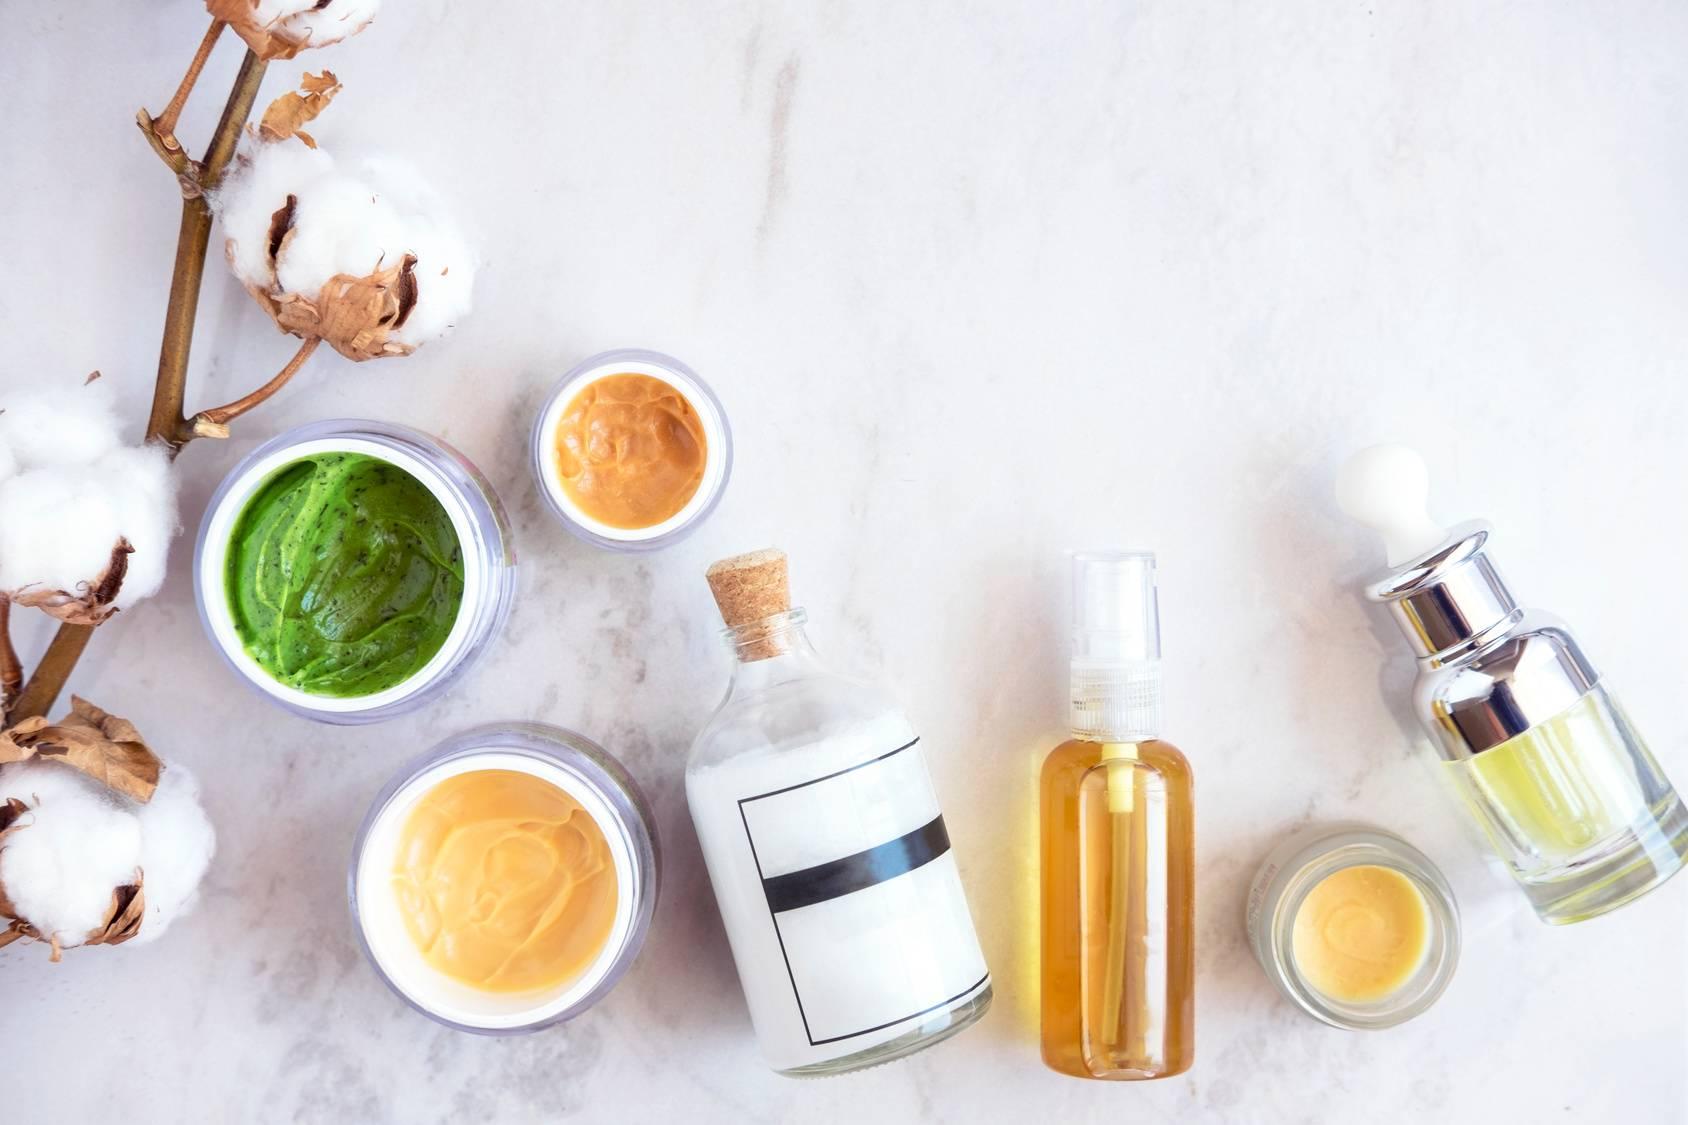 Kosmetyki anti-aging, przeciw starzeniu się, kremy przeciwsmogowe.